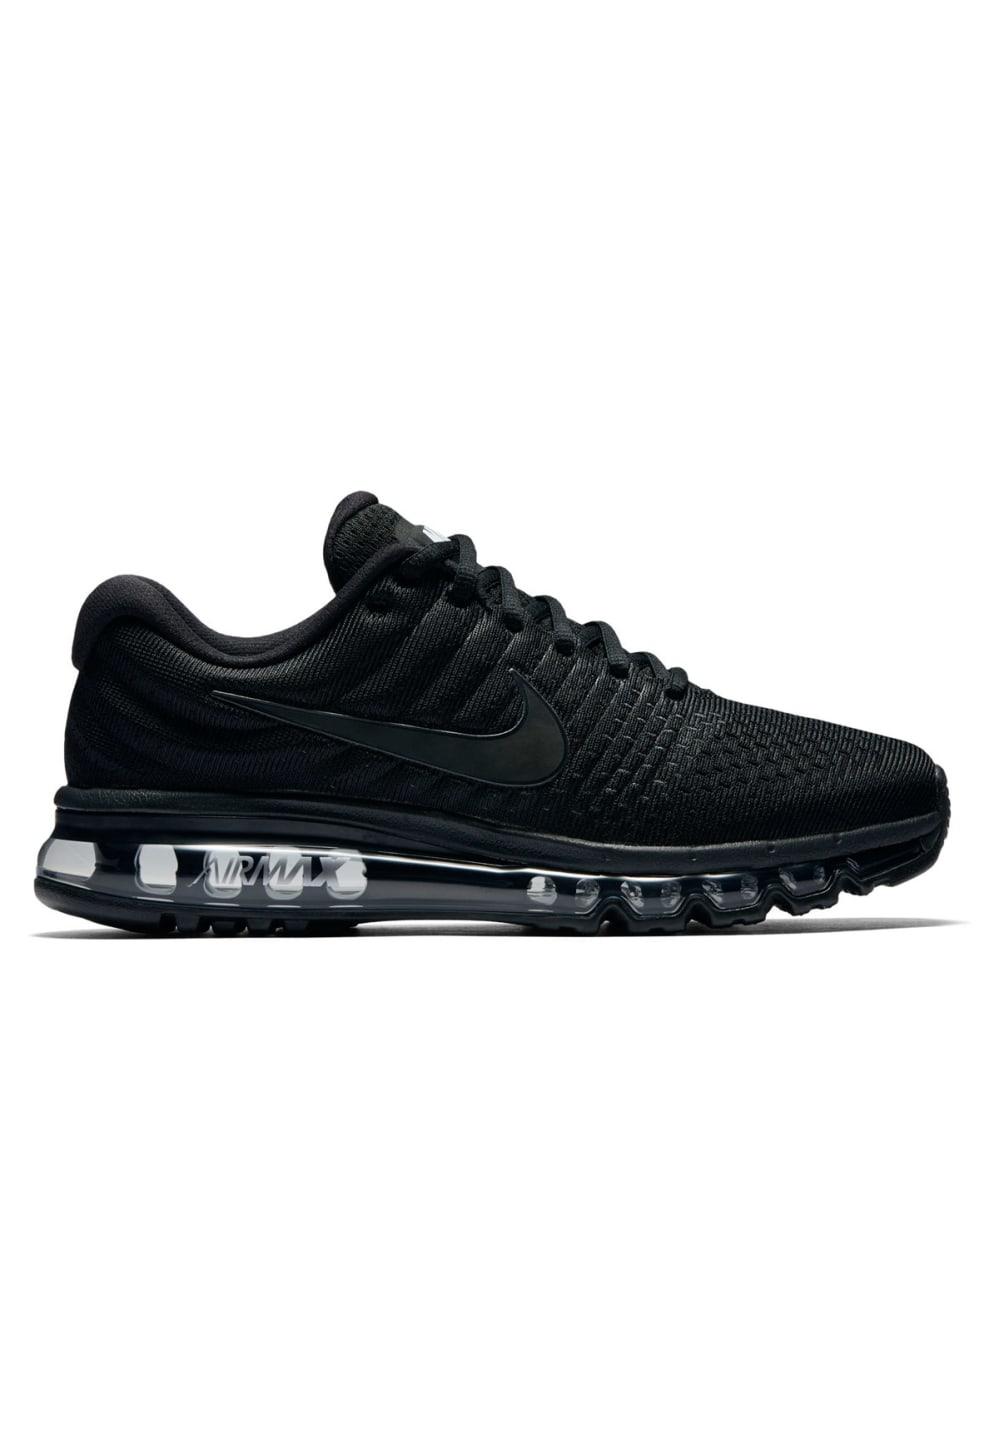 Homme 2017 Running Air Max Nike Pour Chaussures Noir A54j3RL